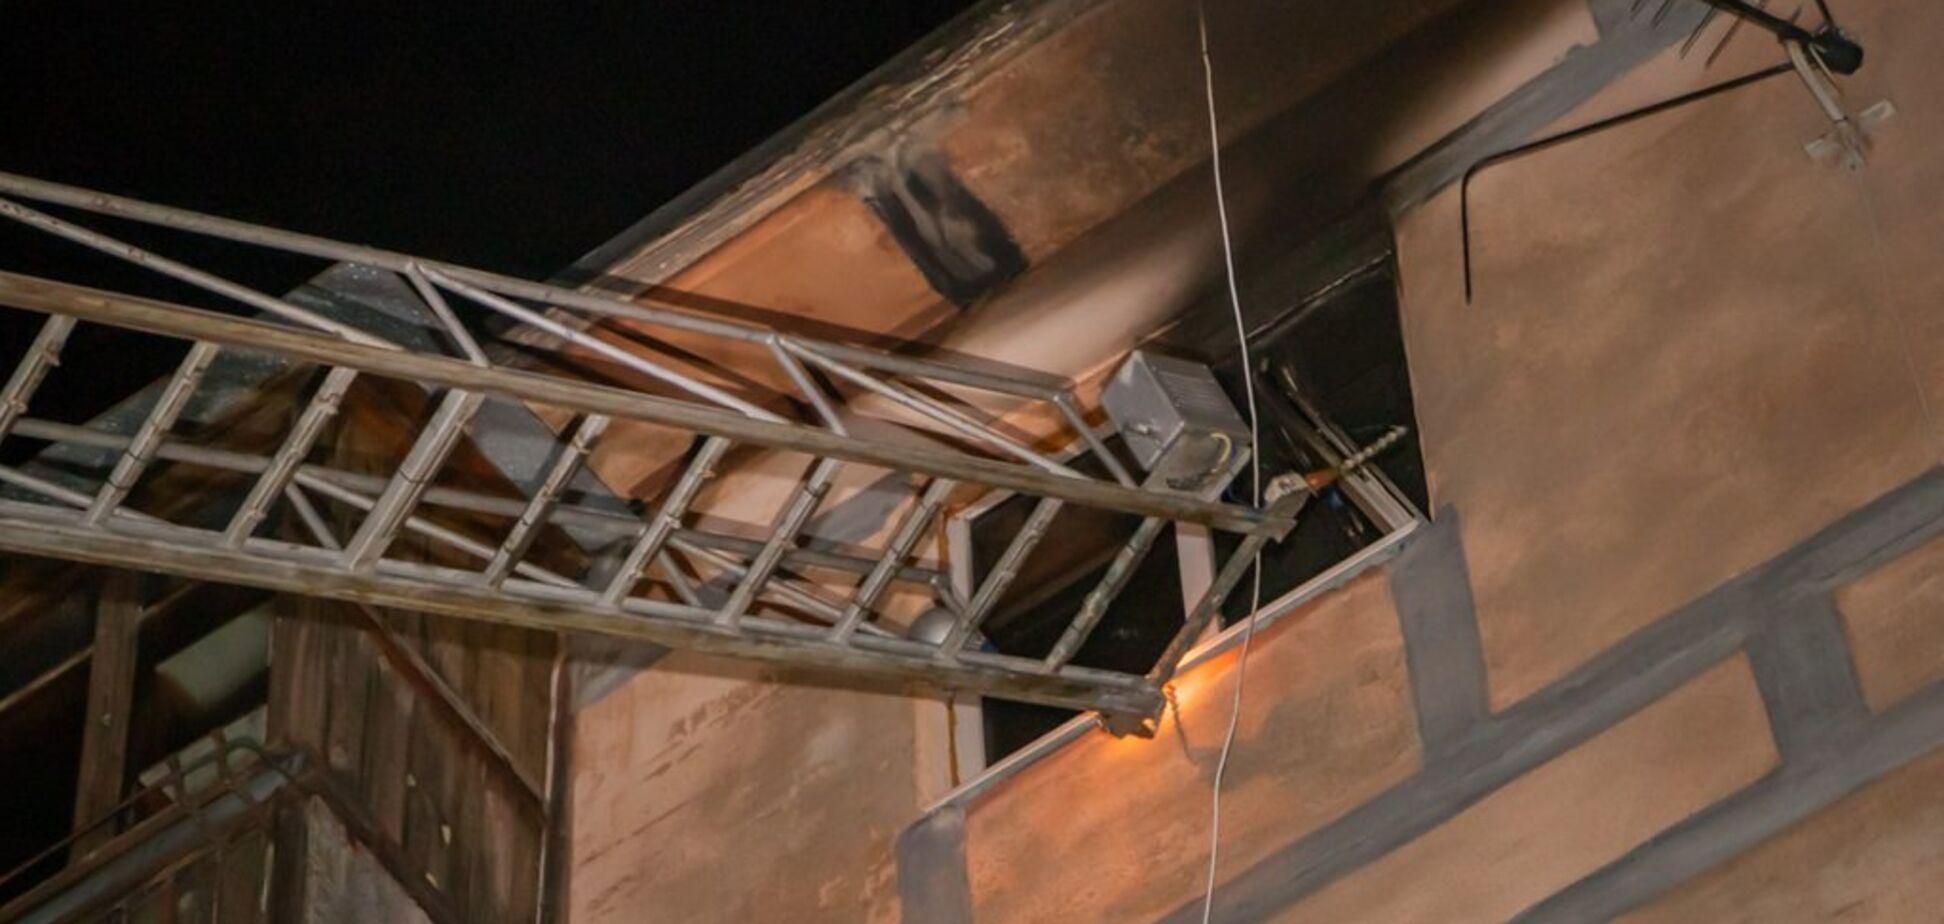 Гнала самогон в квартирі: в Дніпрі при пожежі загинула жінка